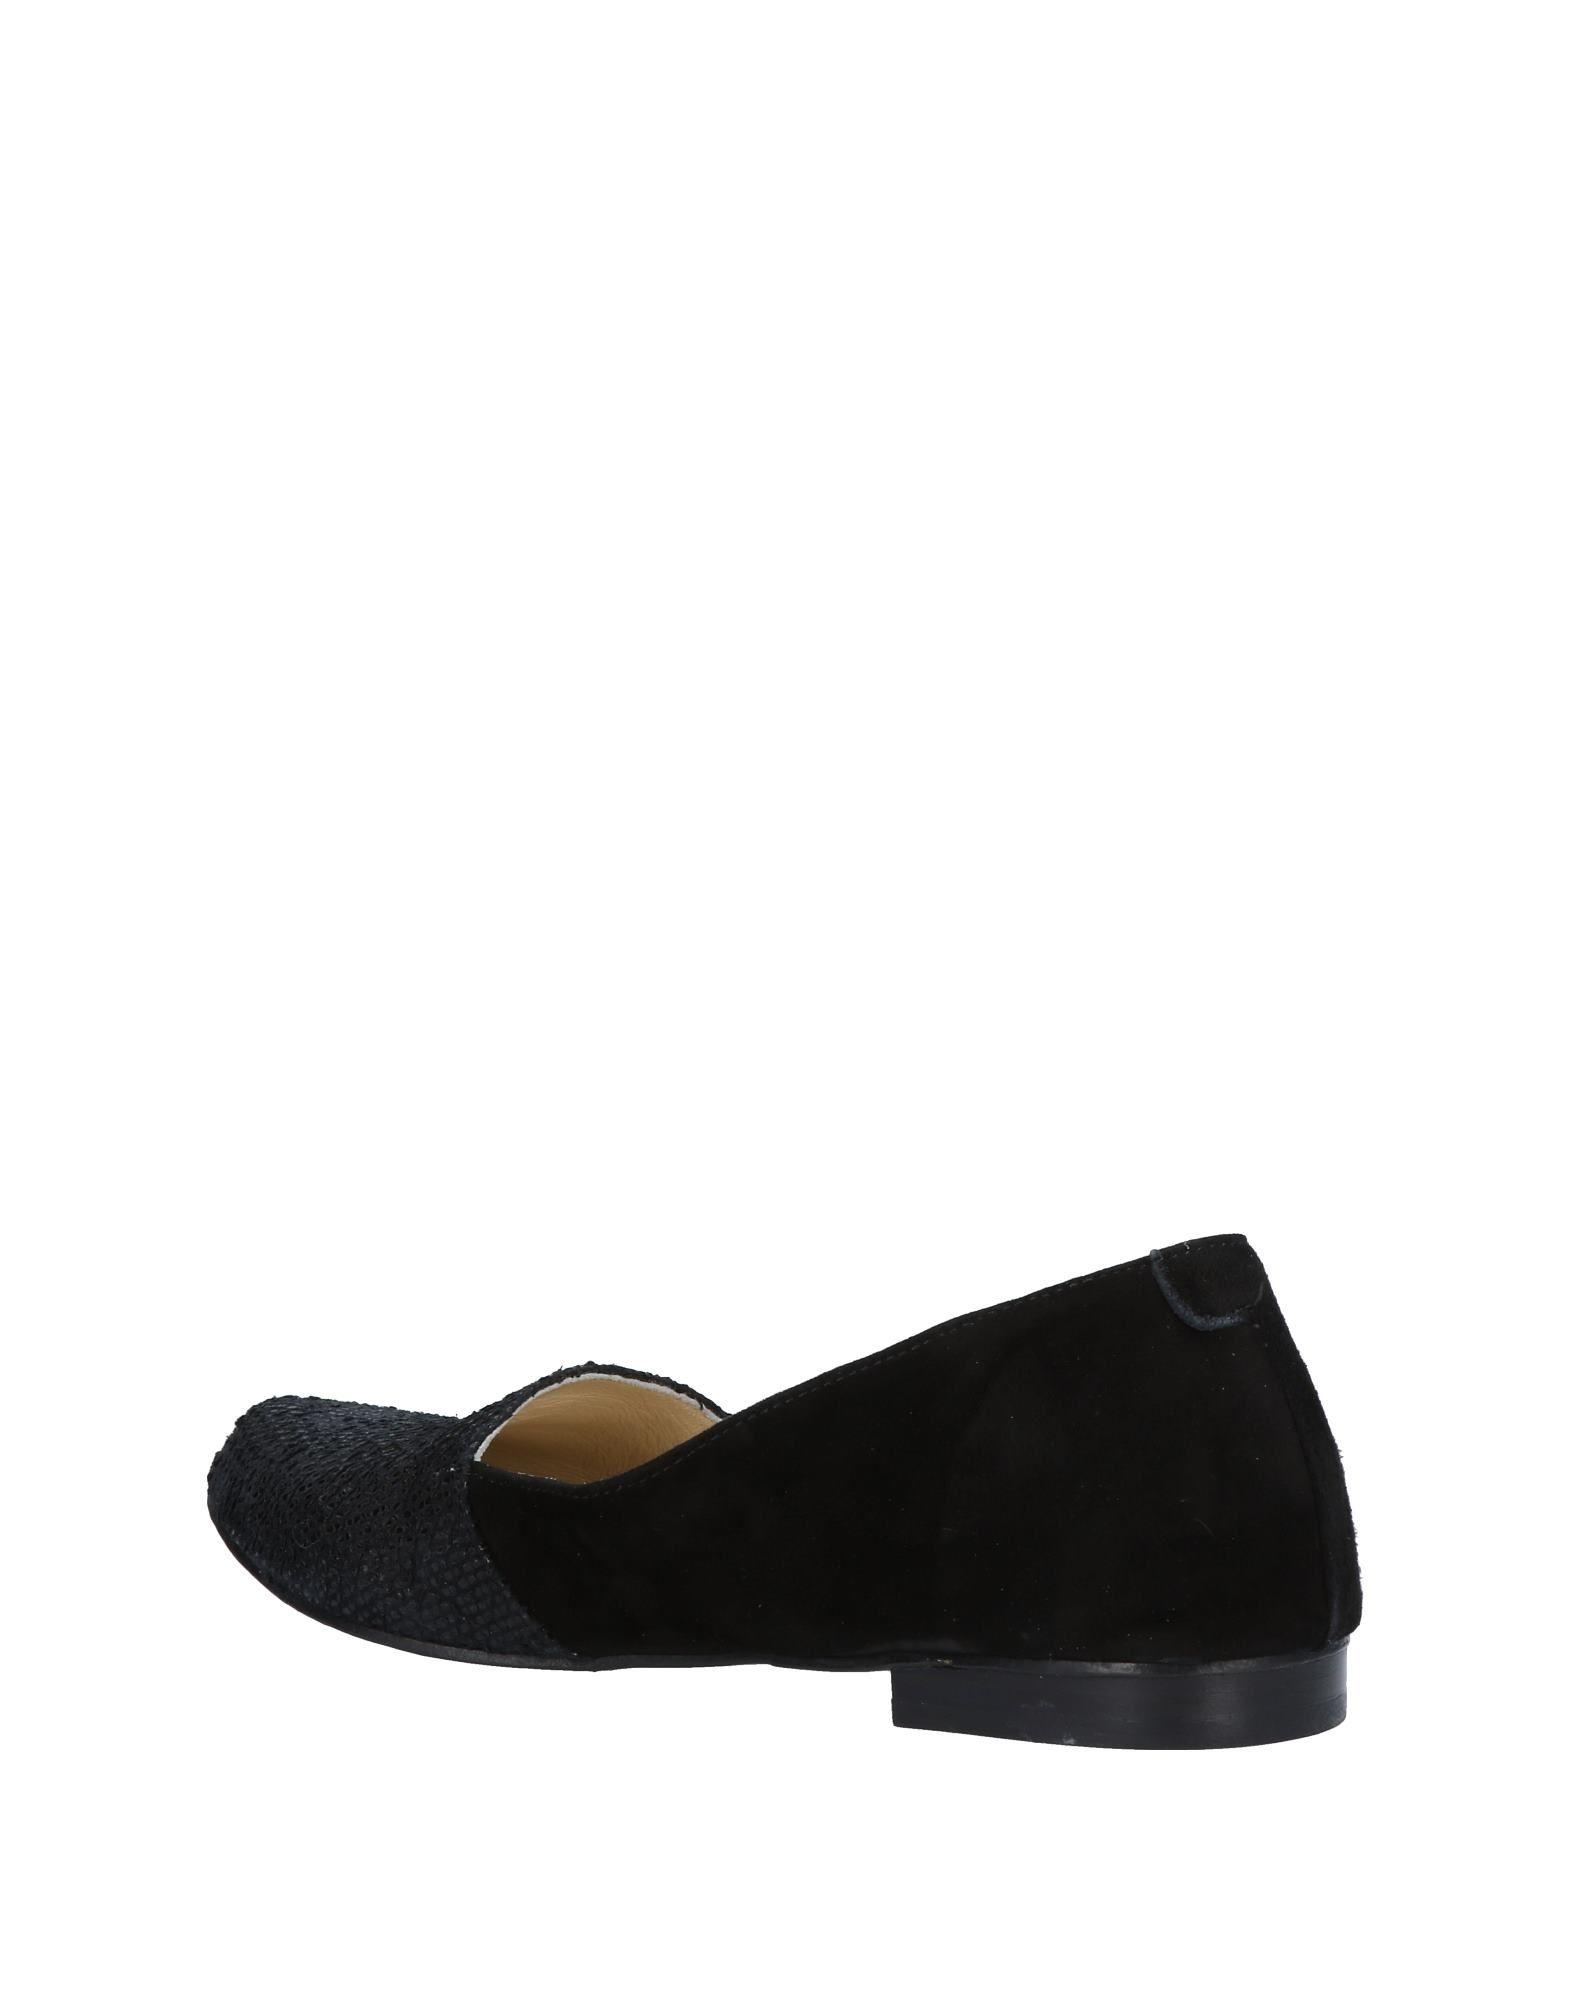 Kudetà Gute Ballerinas Damen  11433745RK Gute Kudetà Qualität beliebte Schuhe fa42d9